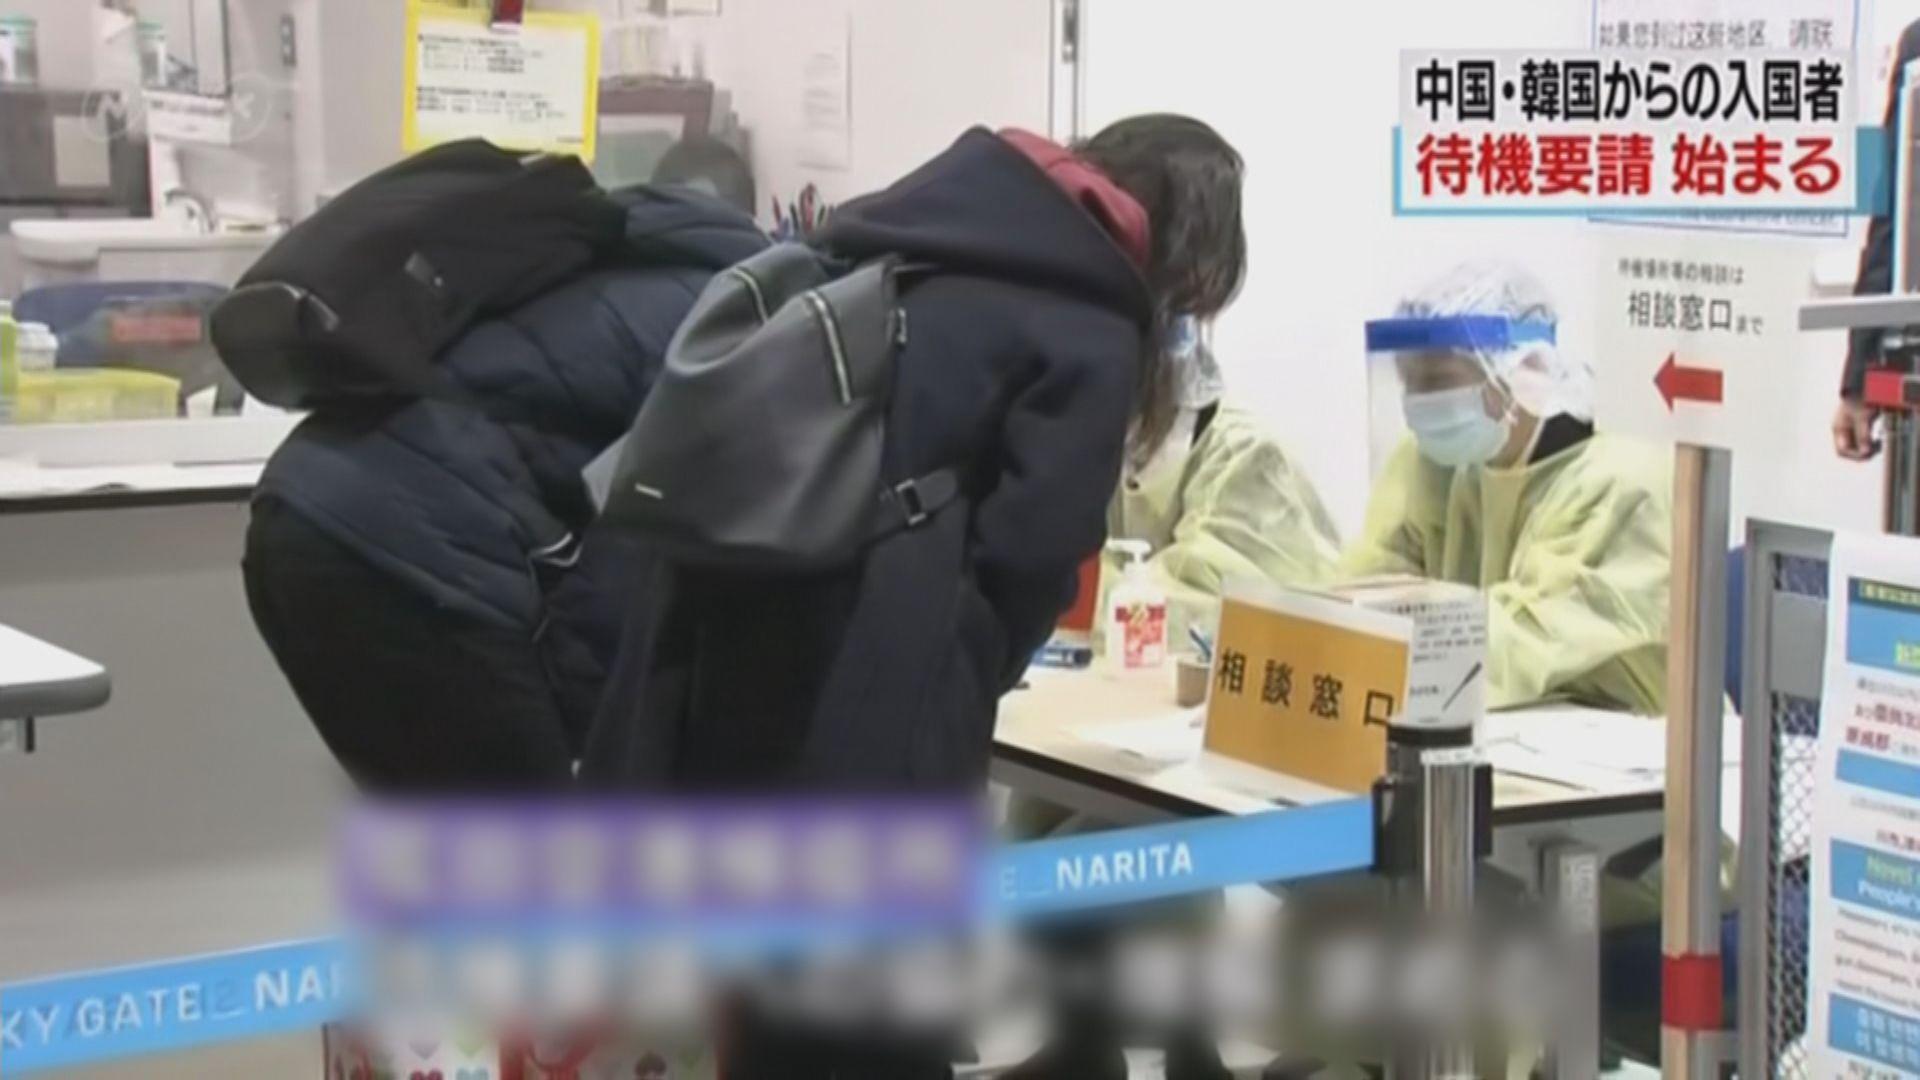 日本對中韓實施限制入境措施 入境後須自費隔離兩周